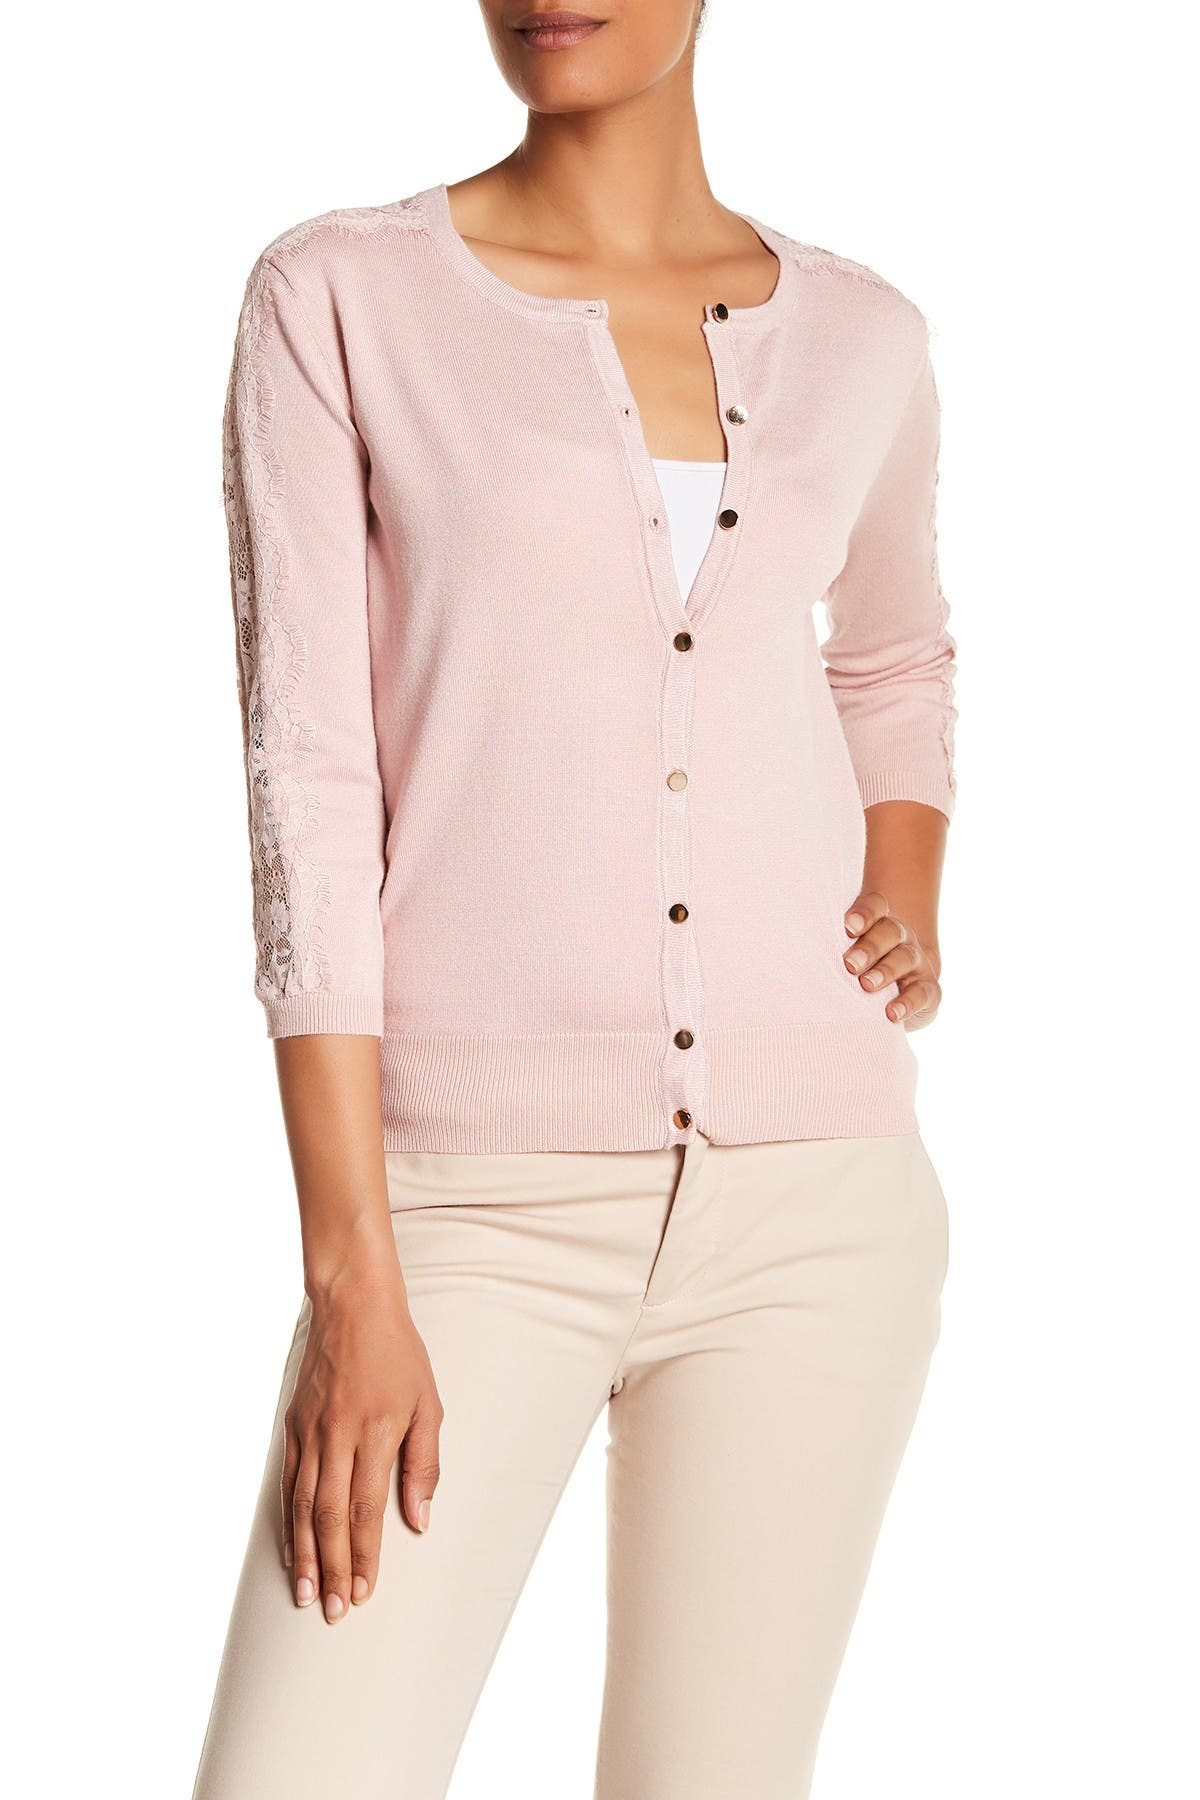 Image of Catherine Catherine Malandrino Eyelash Lace Sleeve Trimmed Button Down Cardigan